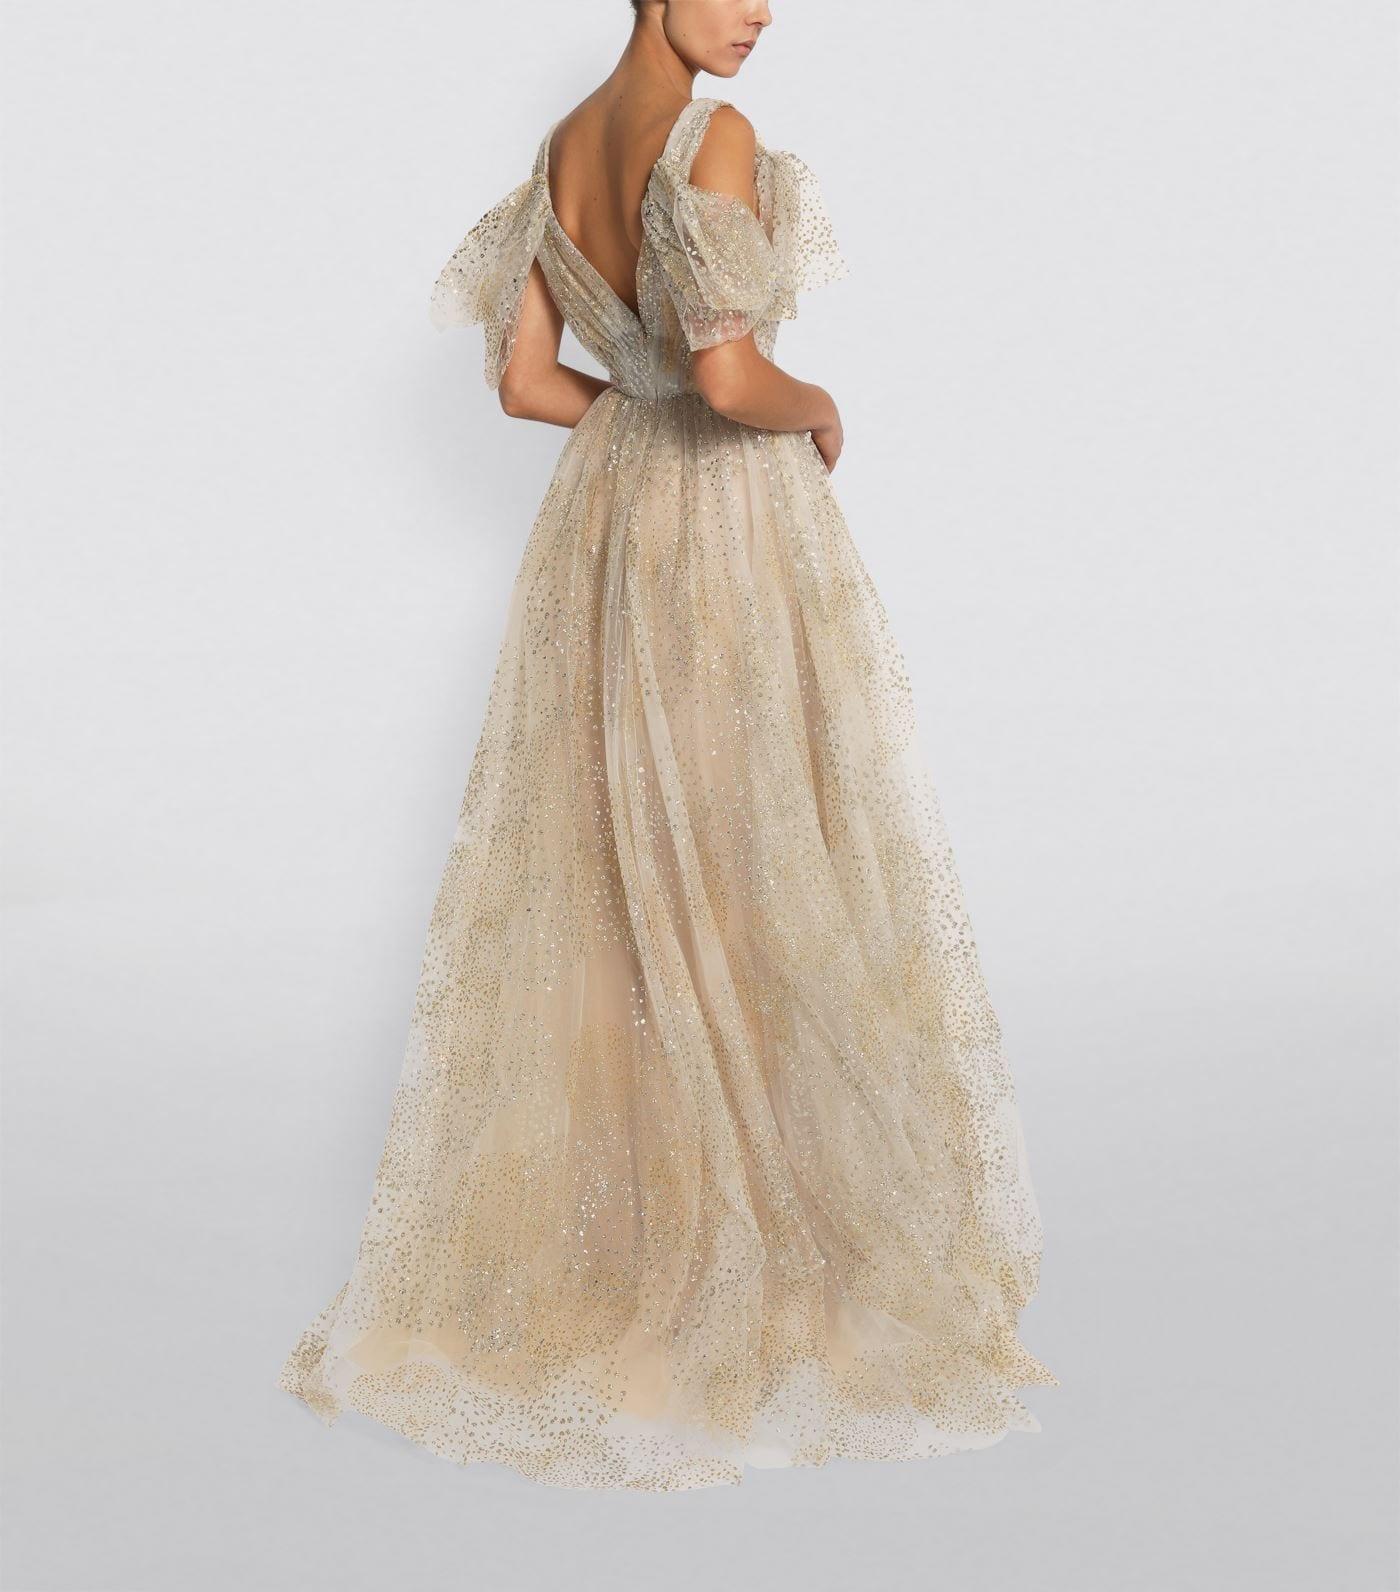 MONIQUE LHUILLIER Glitter Tulle Gown